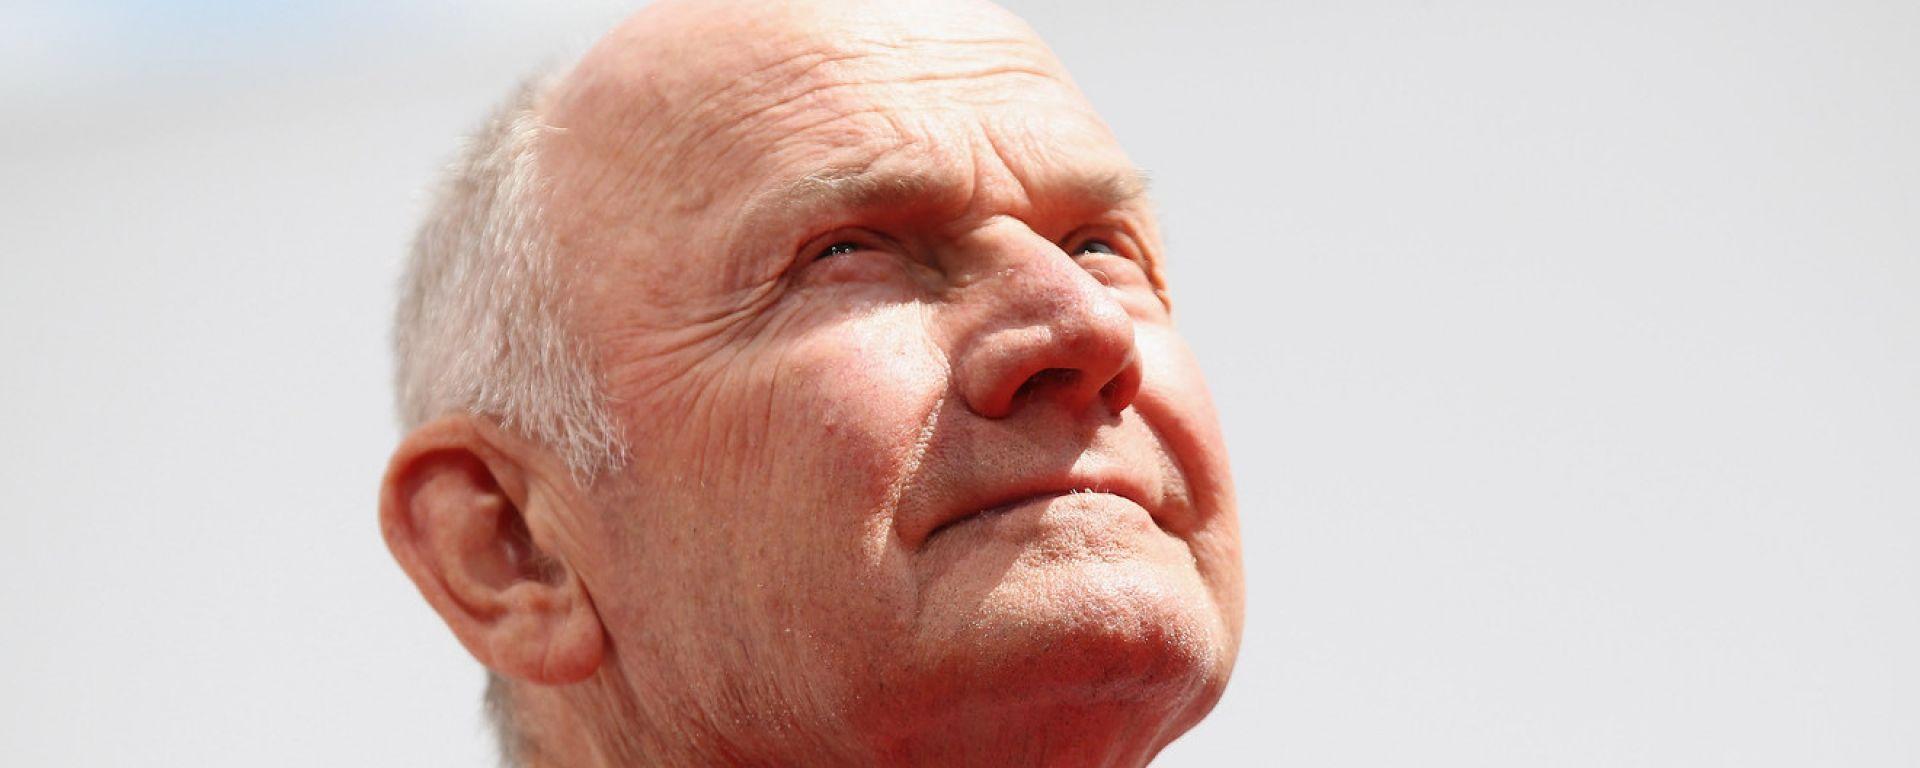 Morto Ferdinand Piëch, per anni alla guida del gruppo Volkswagen